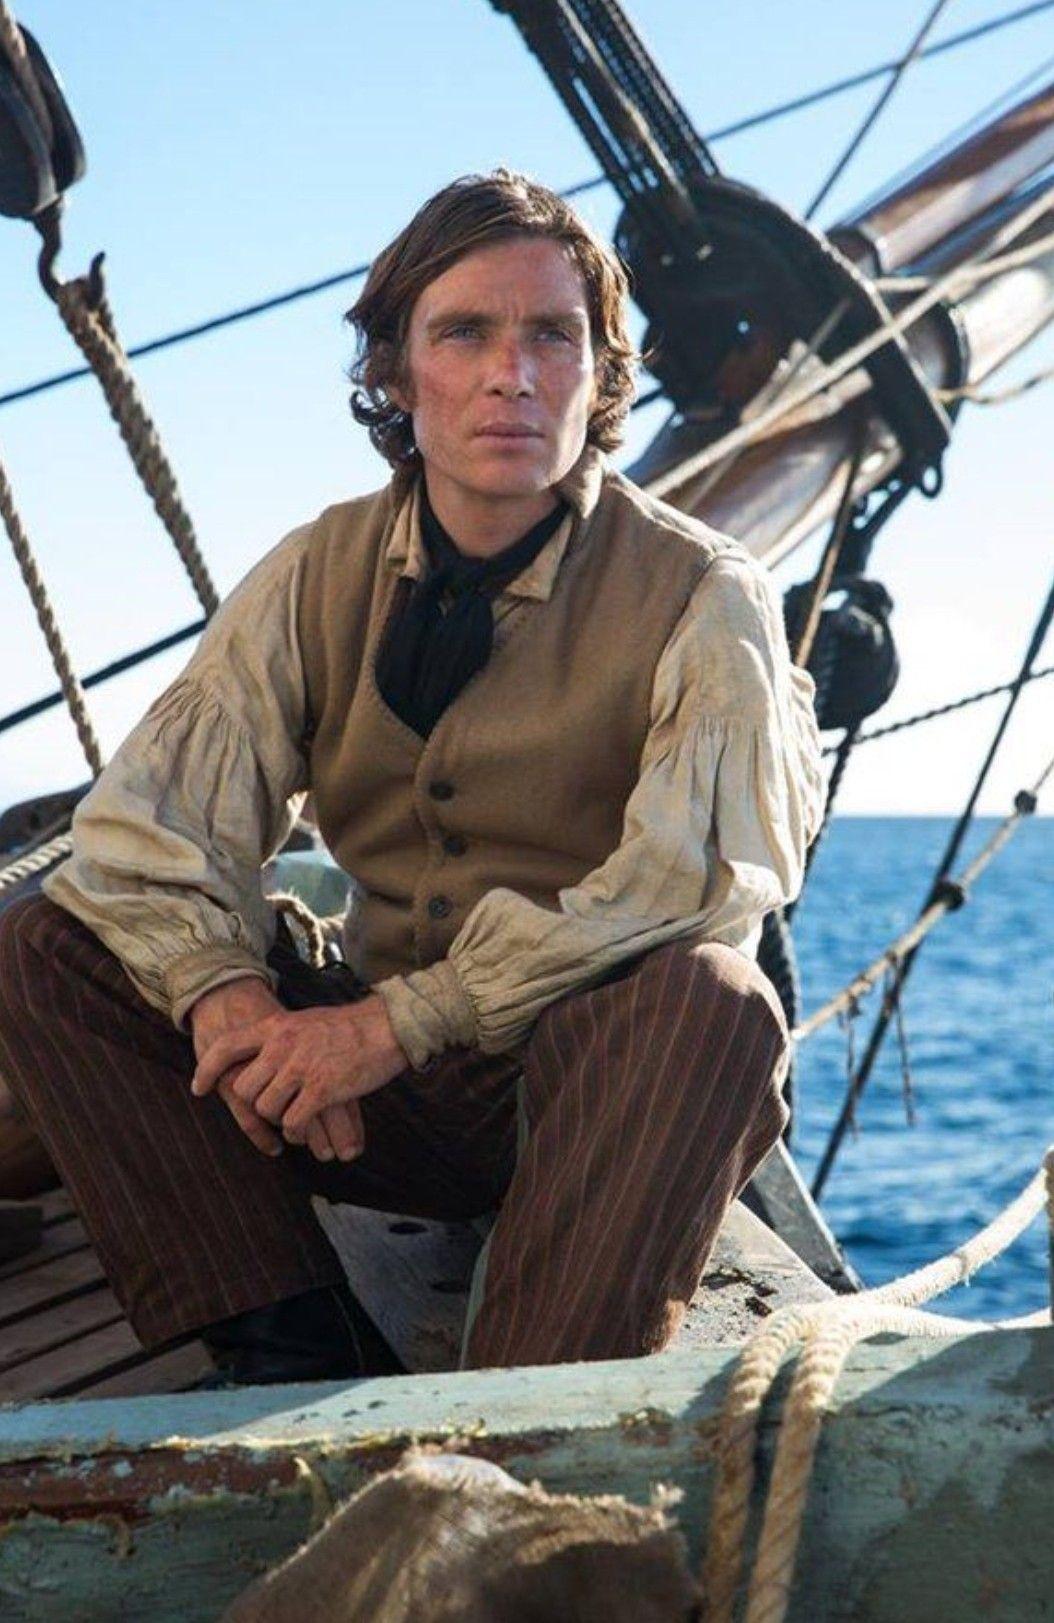 Cillian Murphy Playing Matthew Joy In The Heart Of The Sea 2015 Cillian Murphy Cillian Murphy Movies Murphy Actor